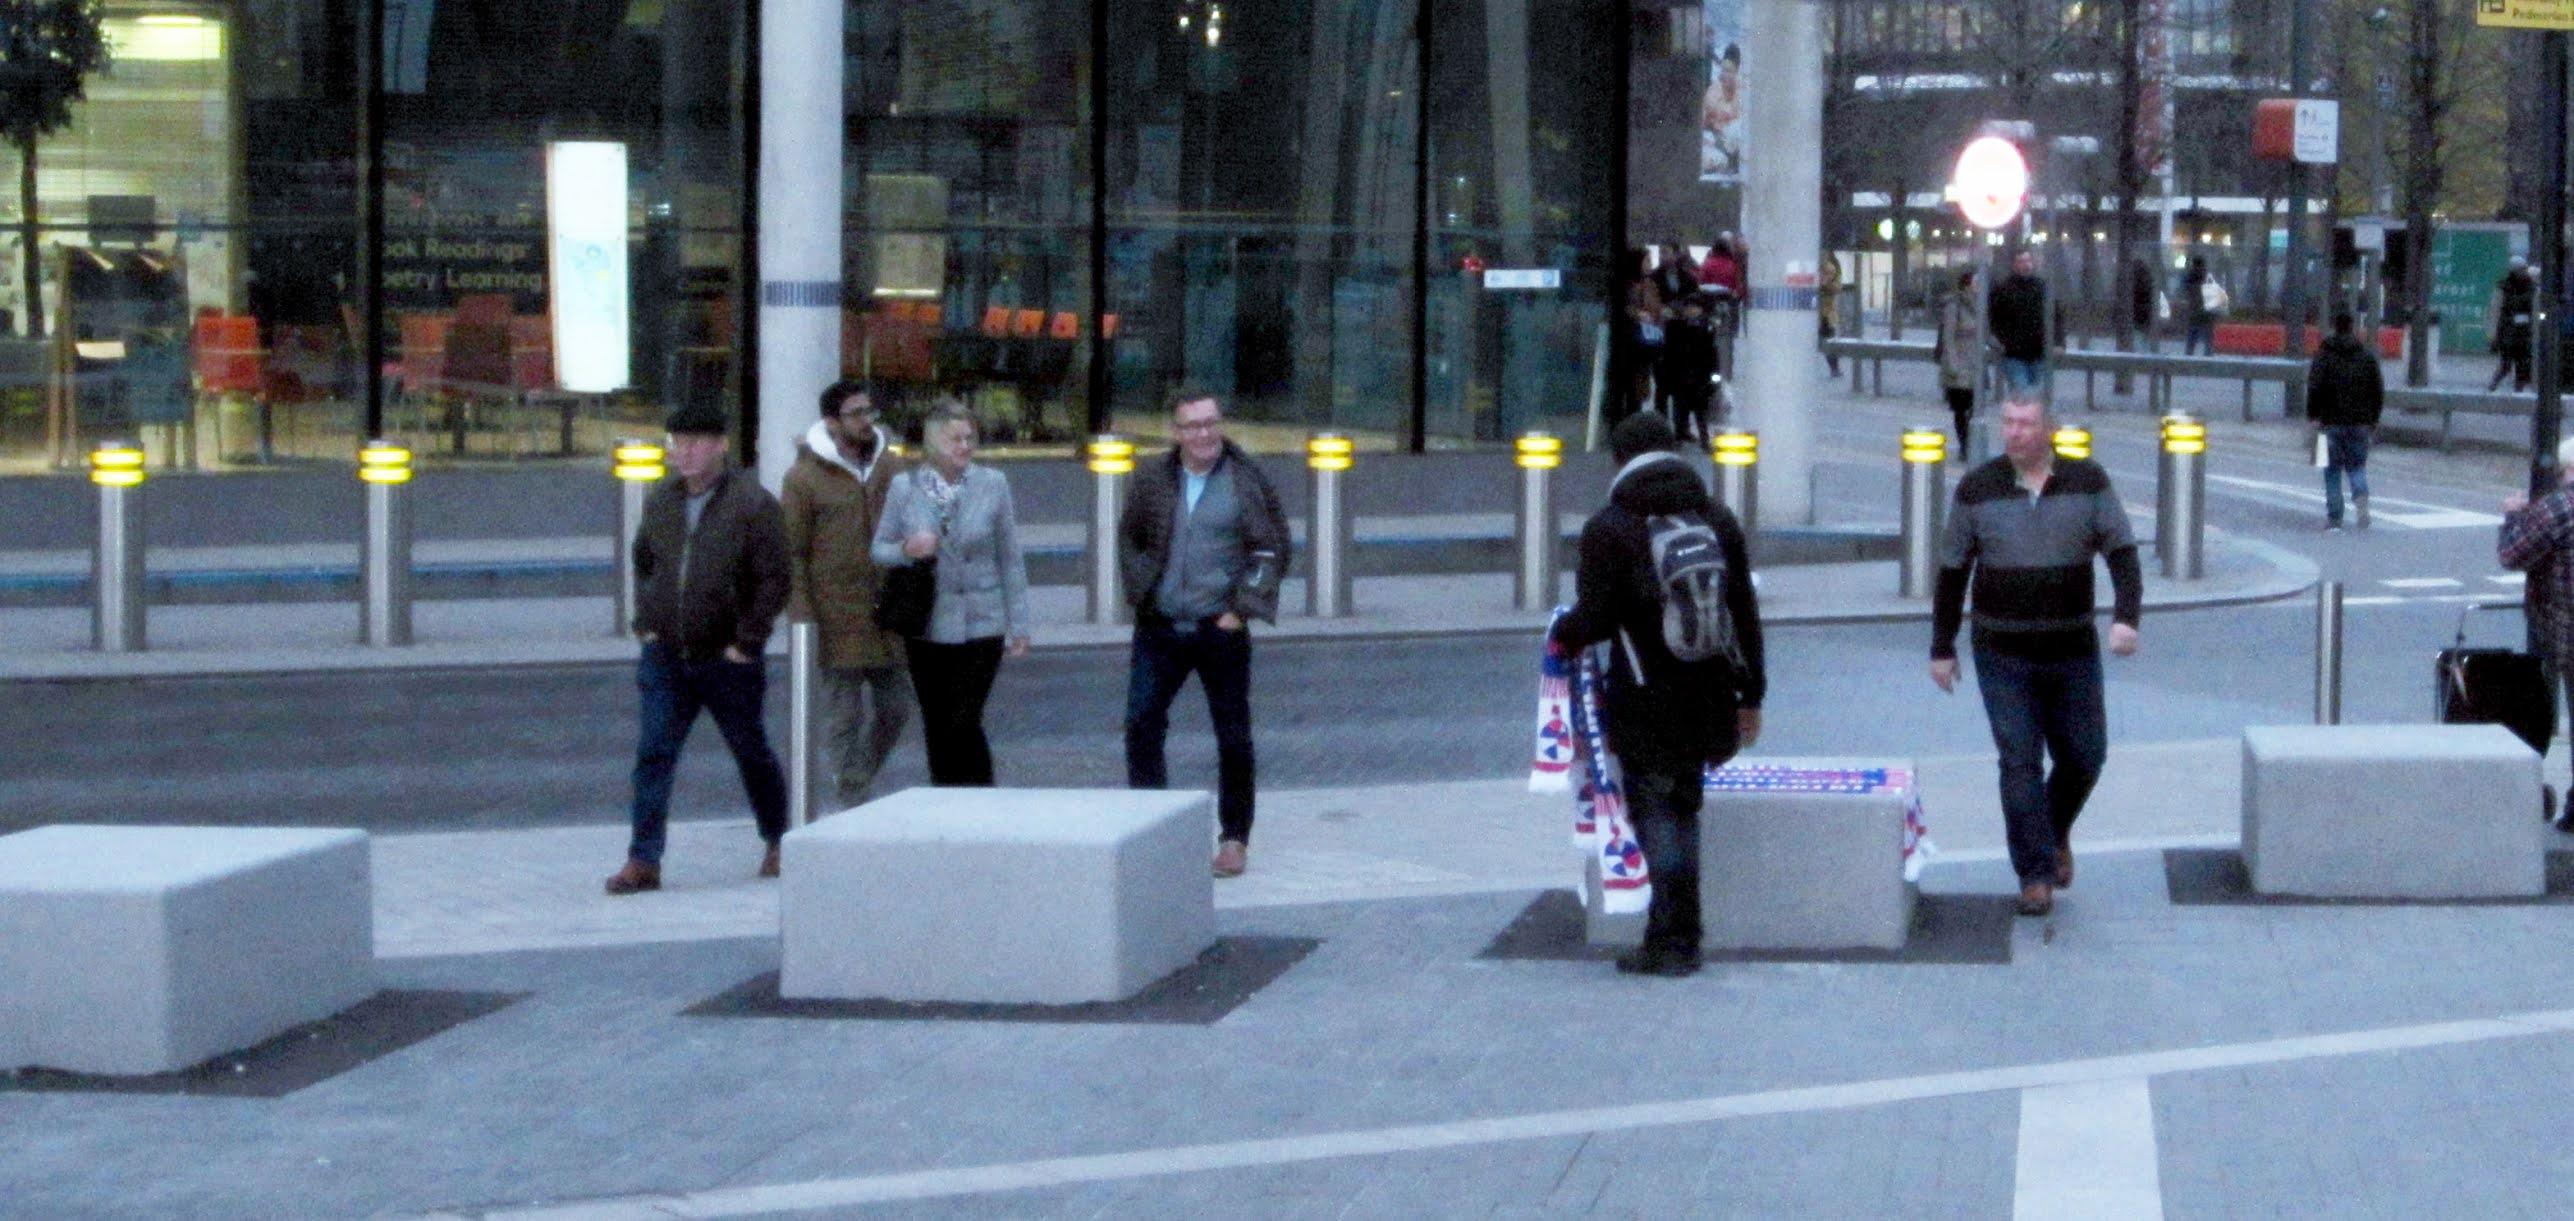 Harlem Globetrotters scarf salesman outside The SSE Arena Wembley